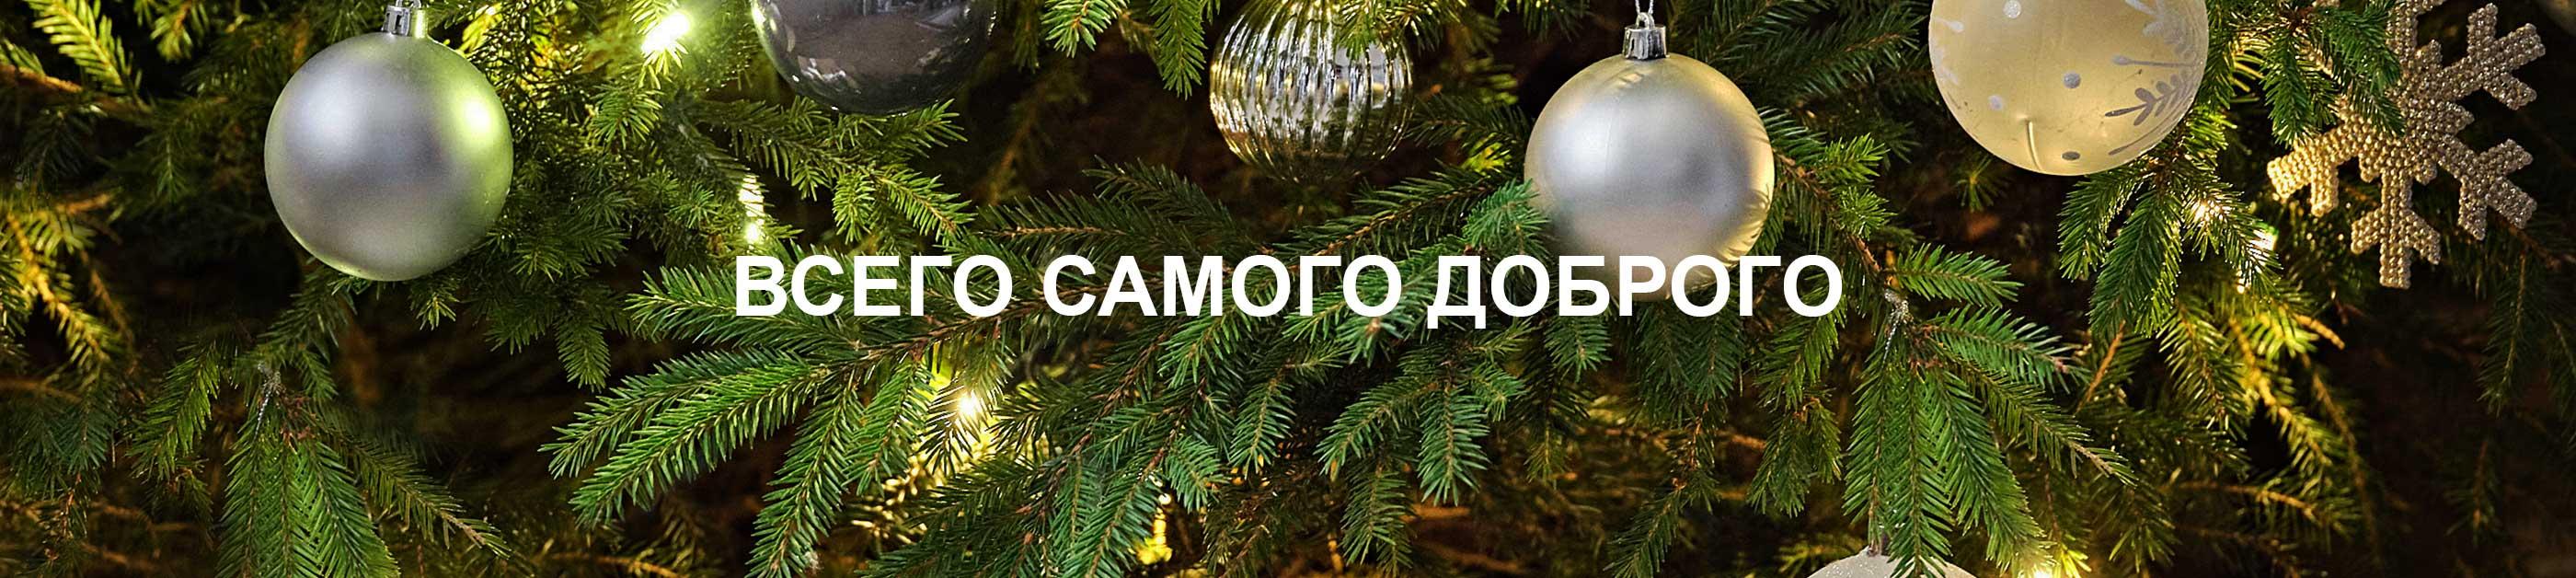 Рождественский баннер